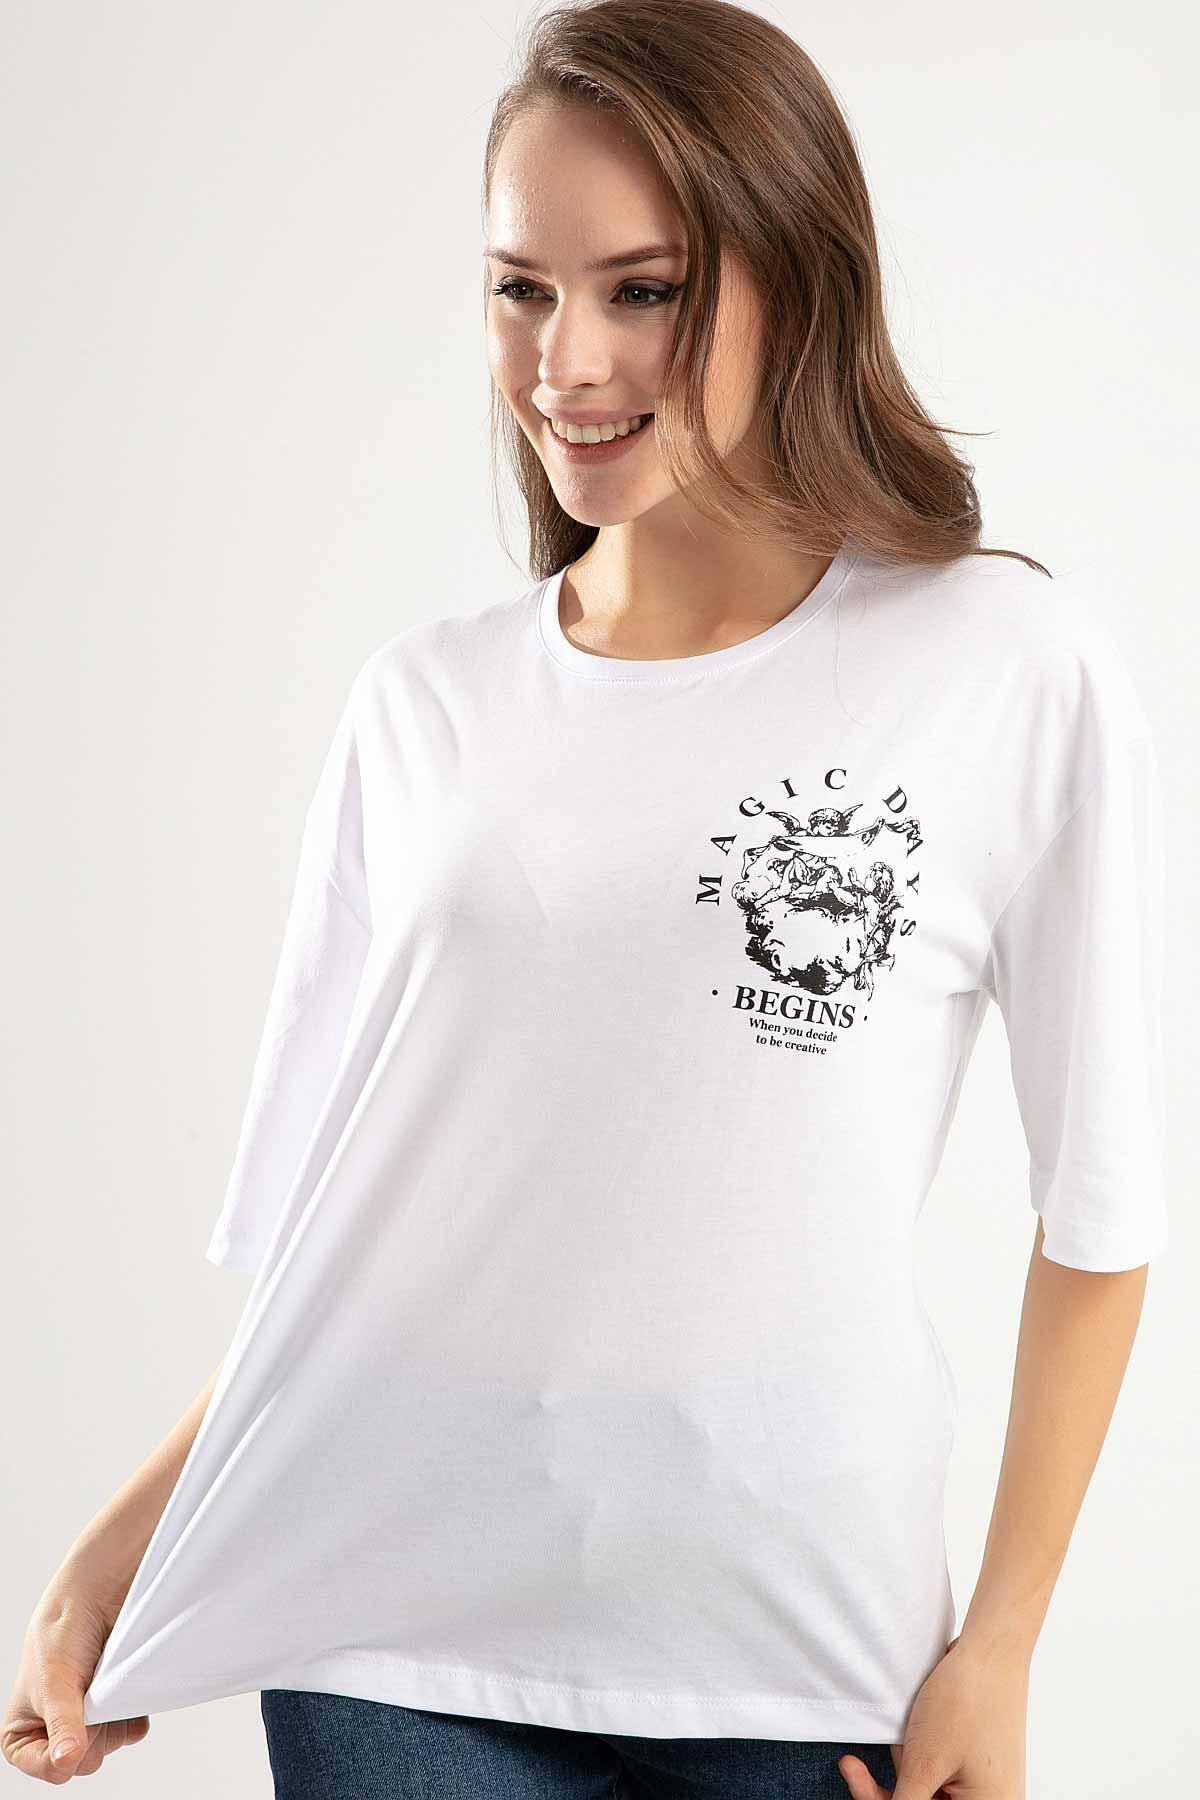 Pattaya Kadın Beyaz Melek Baskılı Bisiklet Yaka Tişört PTTY20S-4220 1